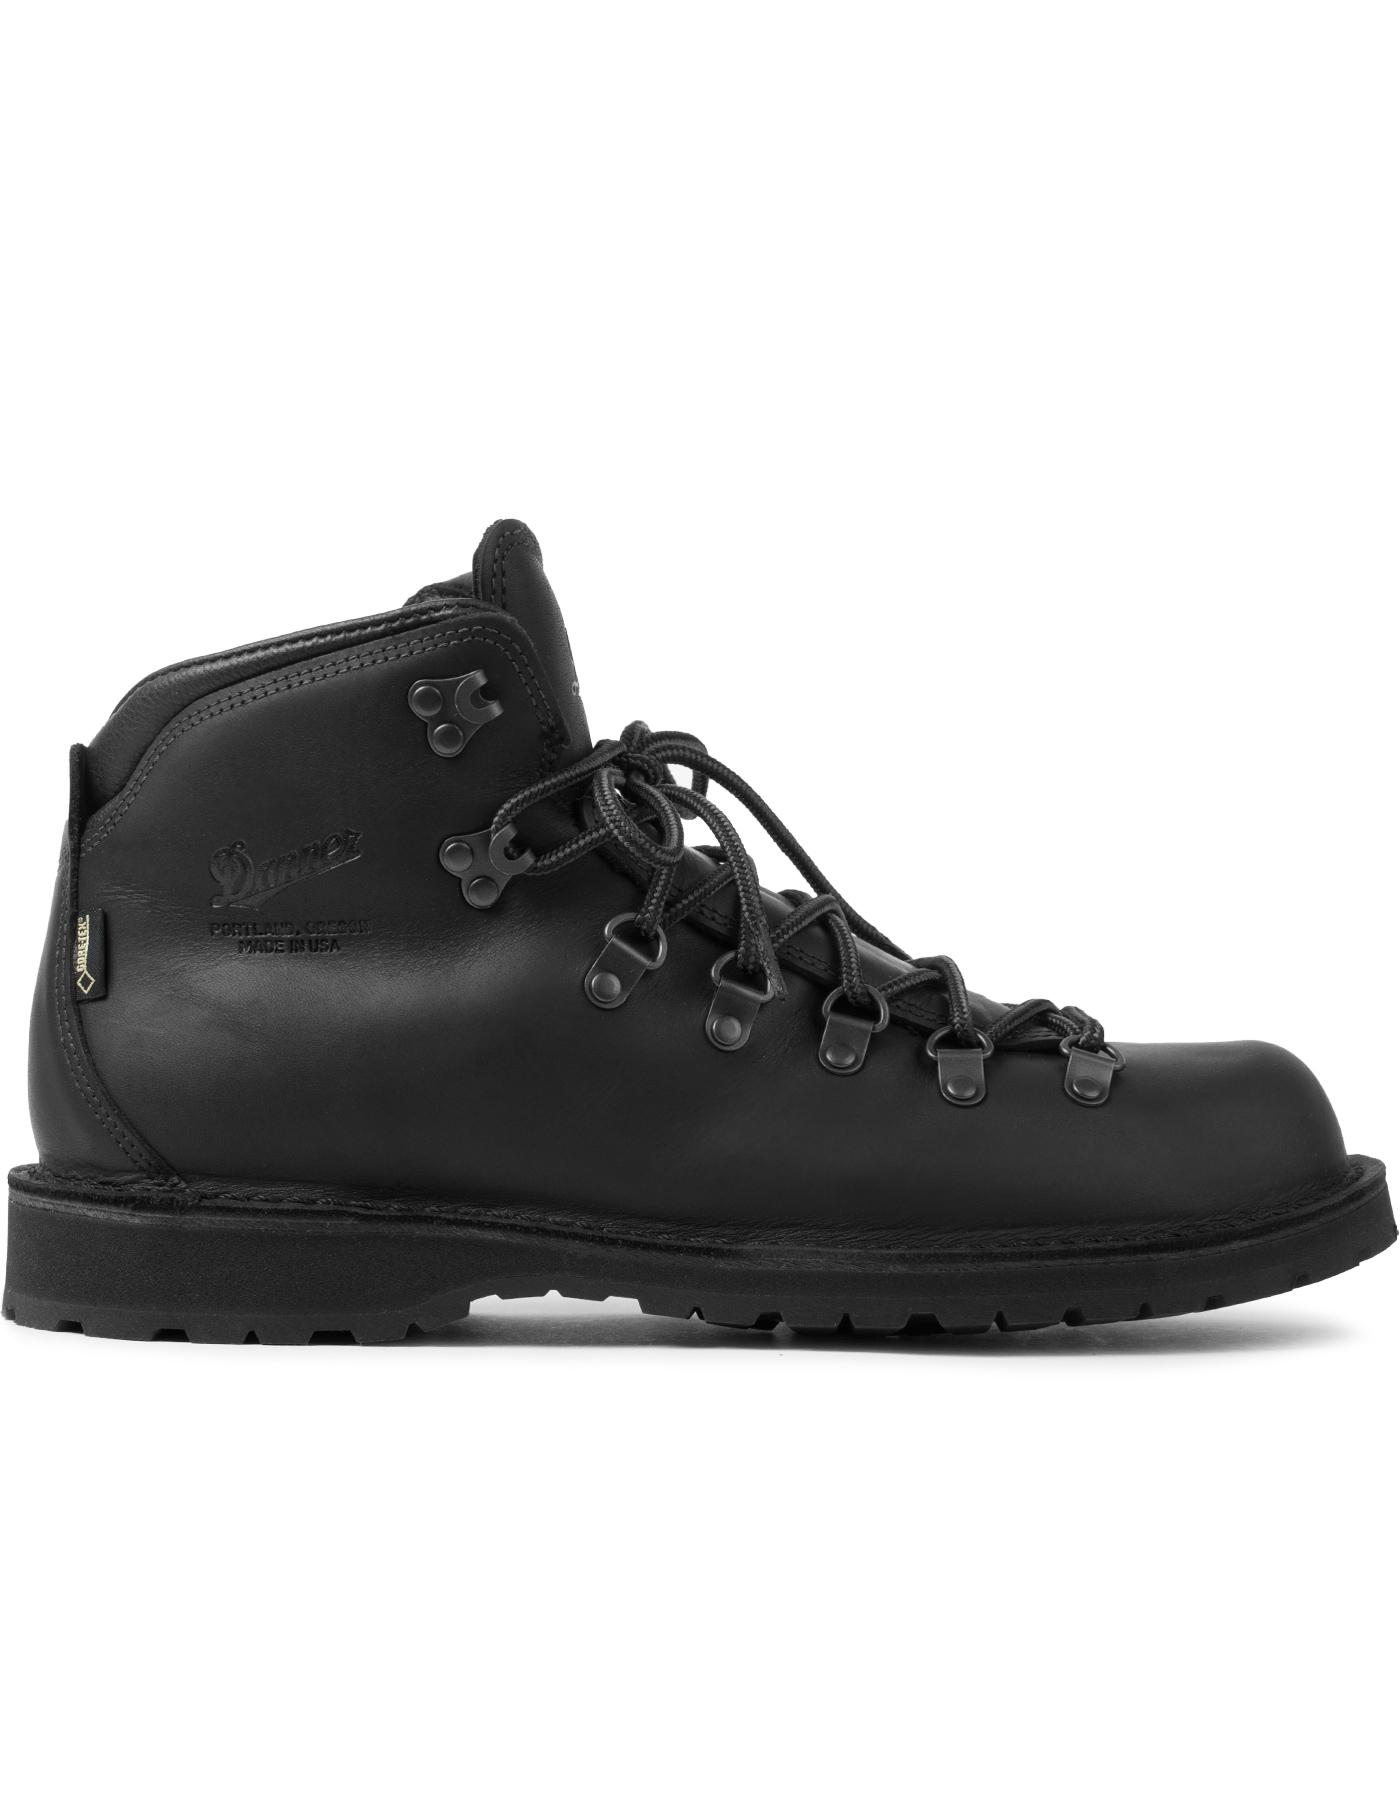 Danner Shoes France